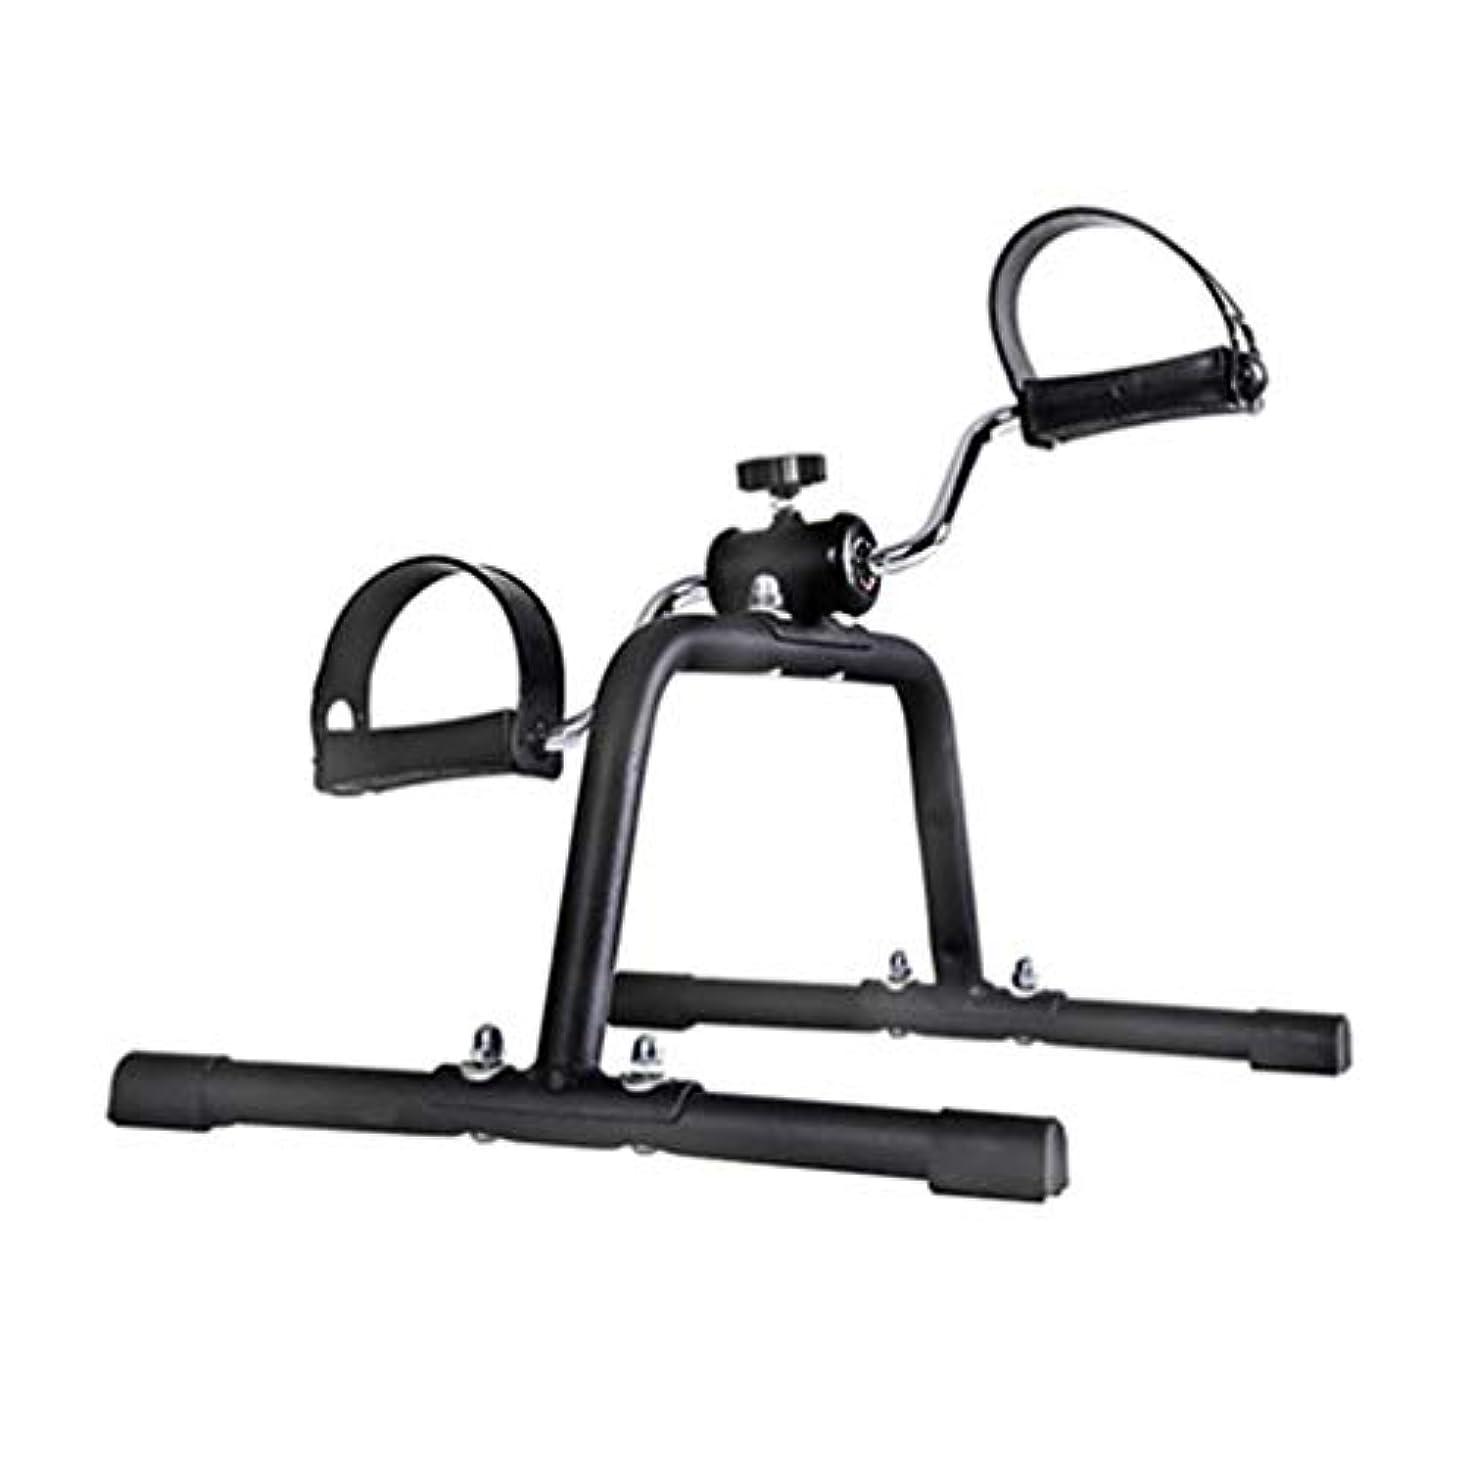 しかし条件付き防止ポータブルアームと脚ペダルエクササイザーホームインドアミニエクササイズバイク抵抗調整可能な高齢者上下肢リハビリテーショントレーニングマシン,A